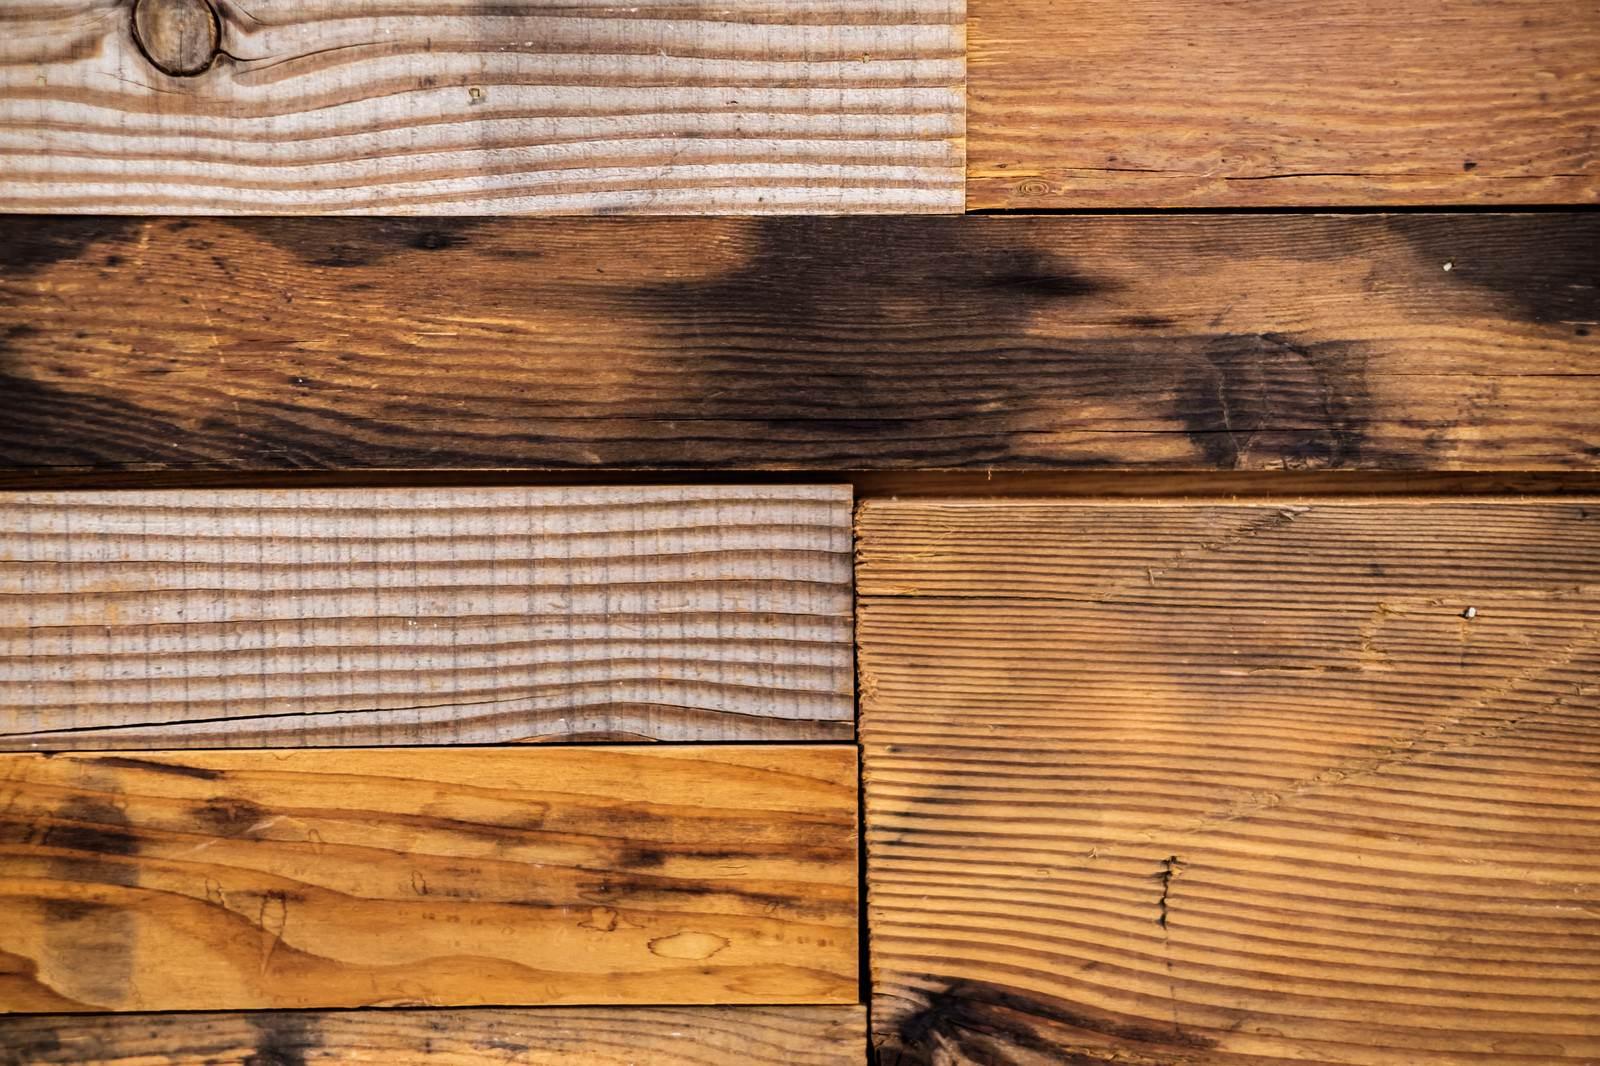 「模様が異なる木のテーブル」の写真